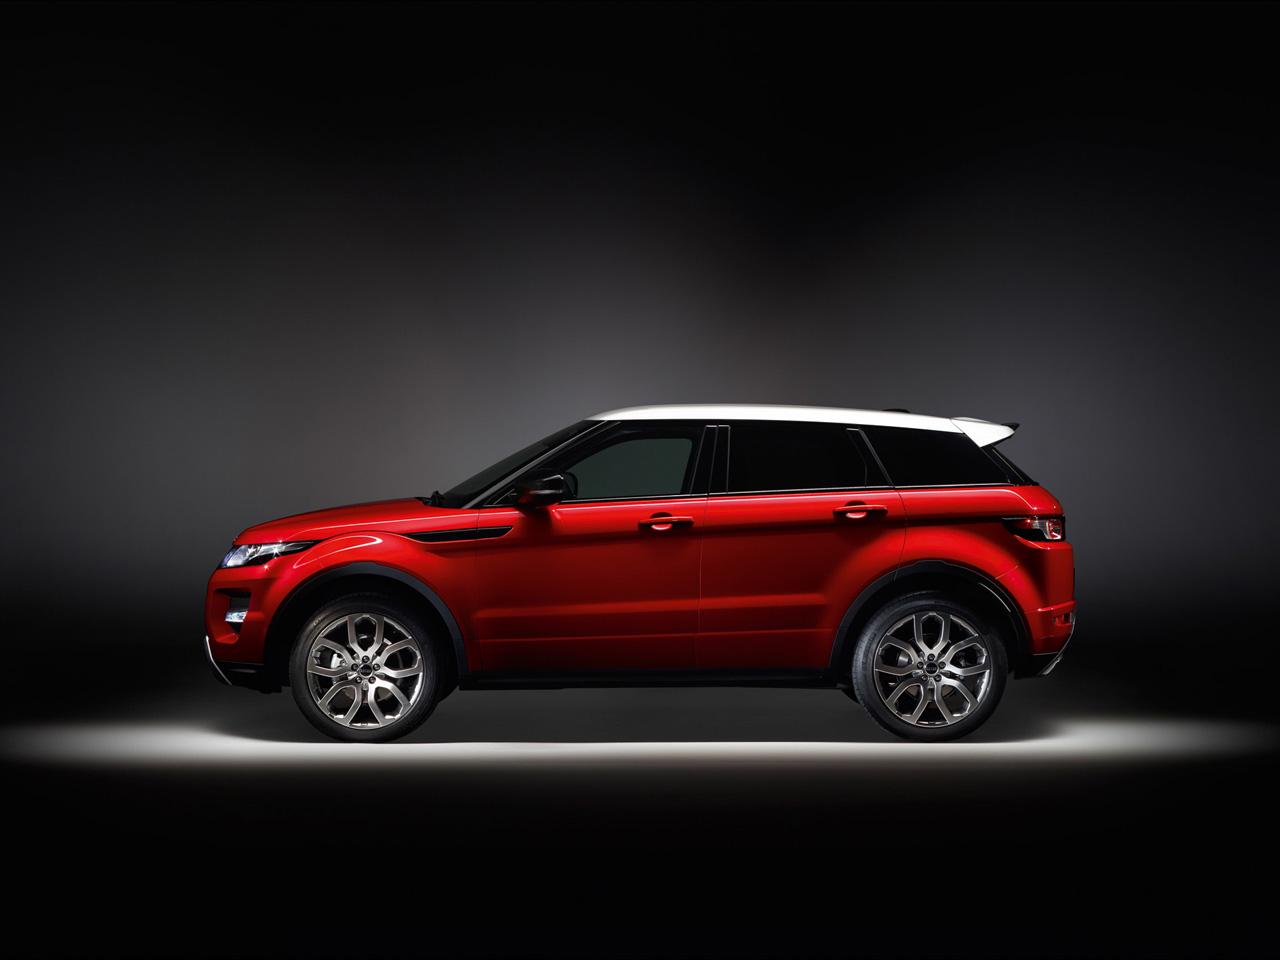 Land Rover Range Rover Evoque 5 Door Side Wallpapers Desktop Download